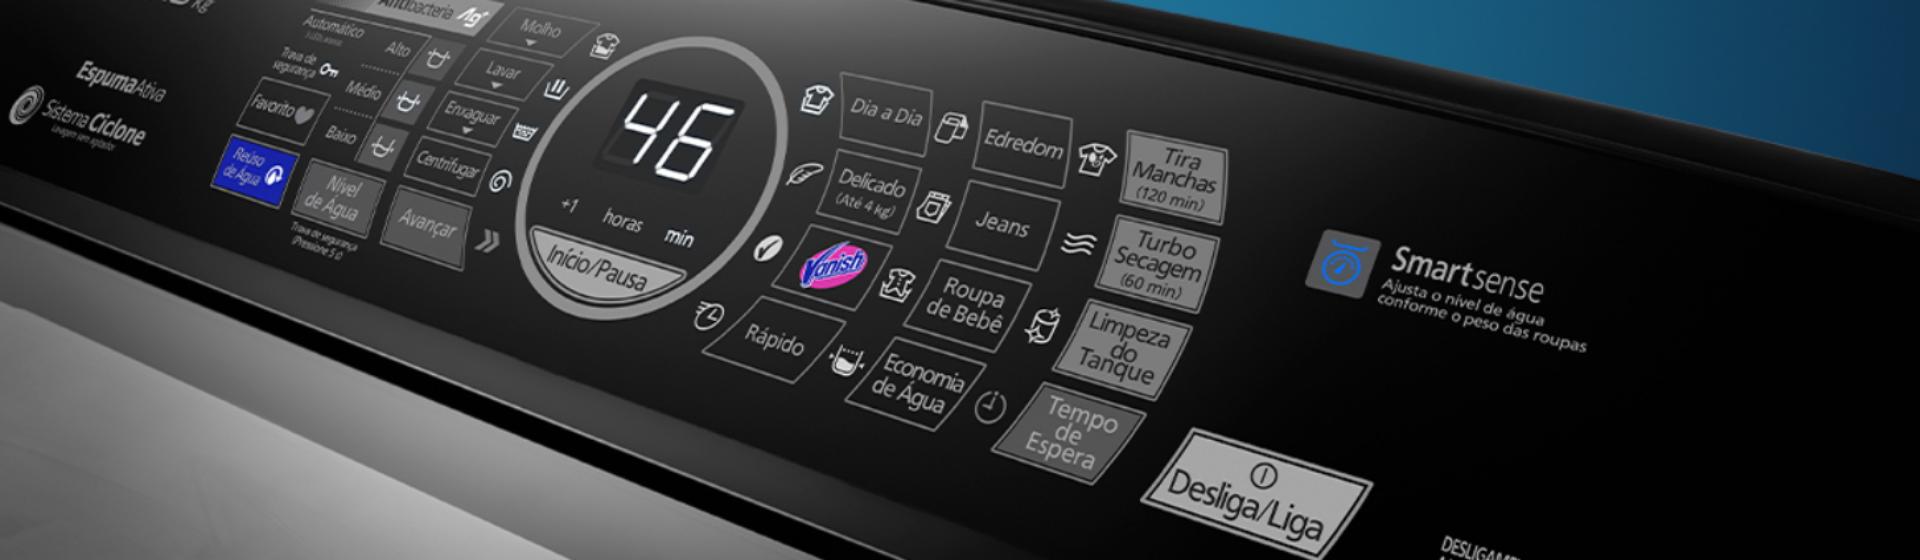 Máquina de lavar Panasonic: os melhores modelos de 2021